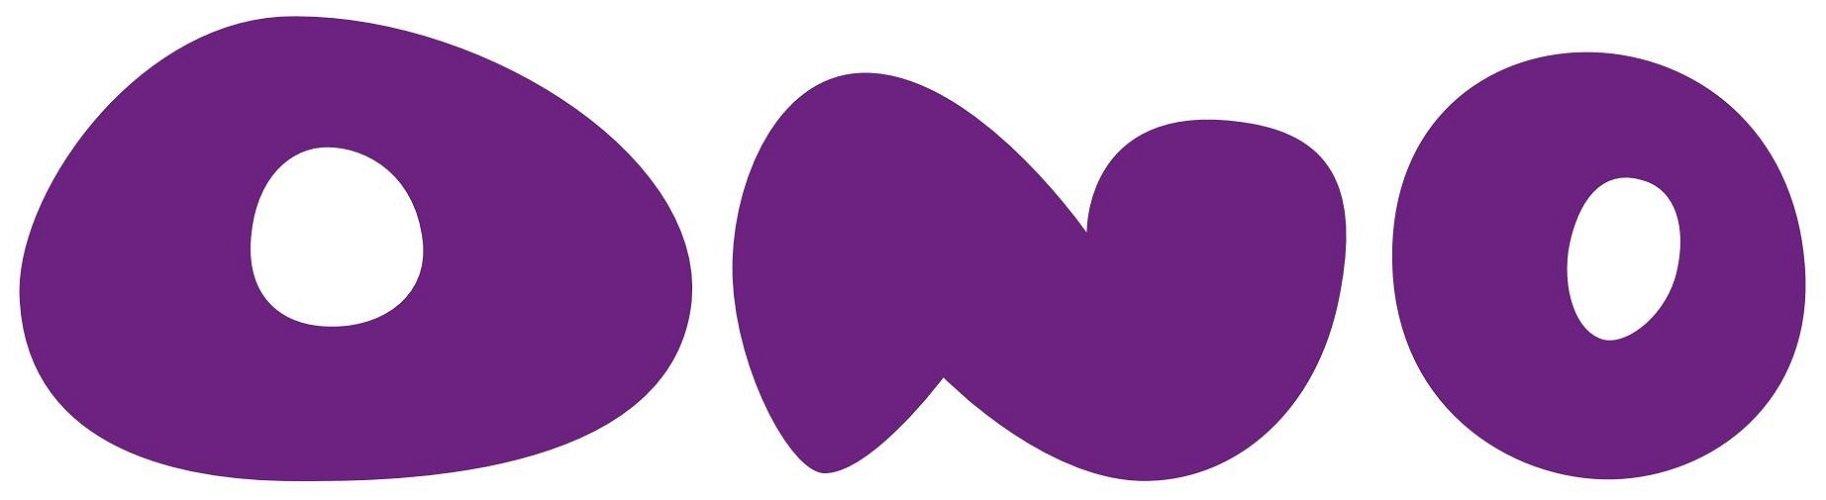 Ono Logo [PDF] png